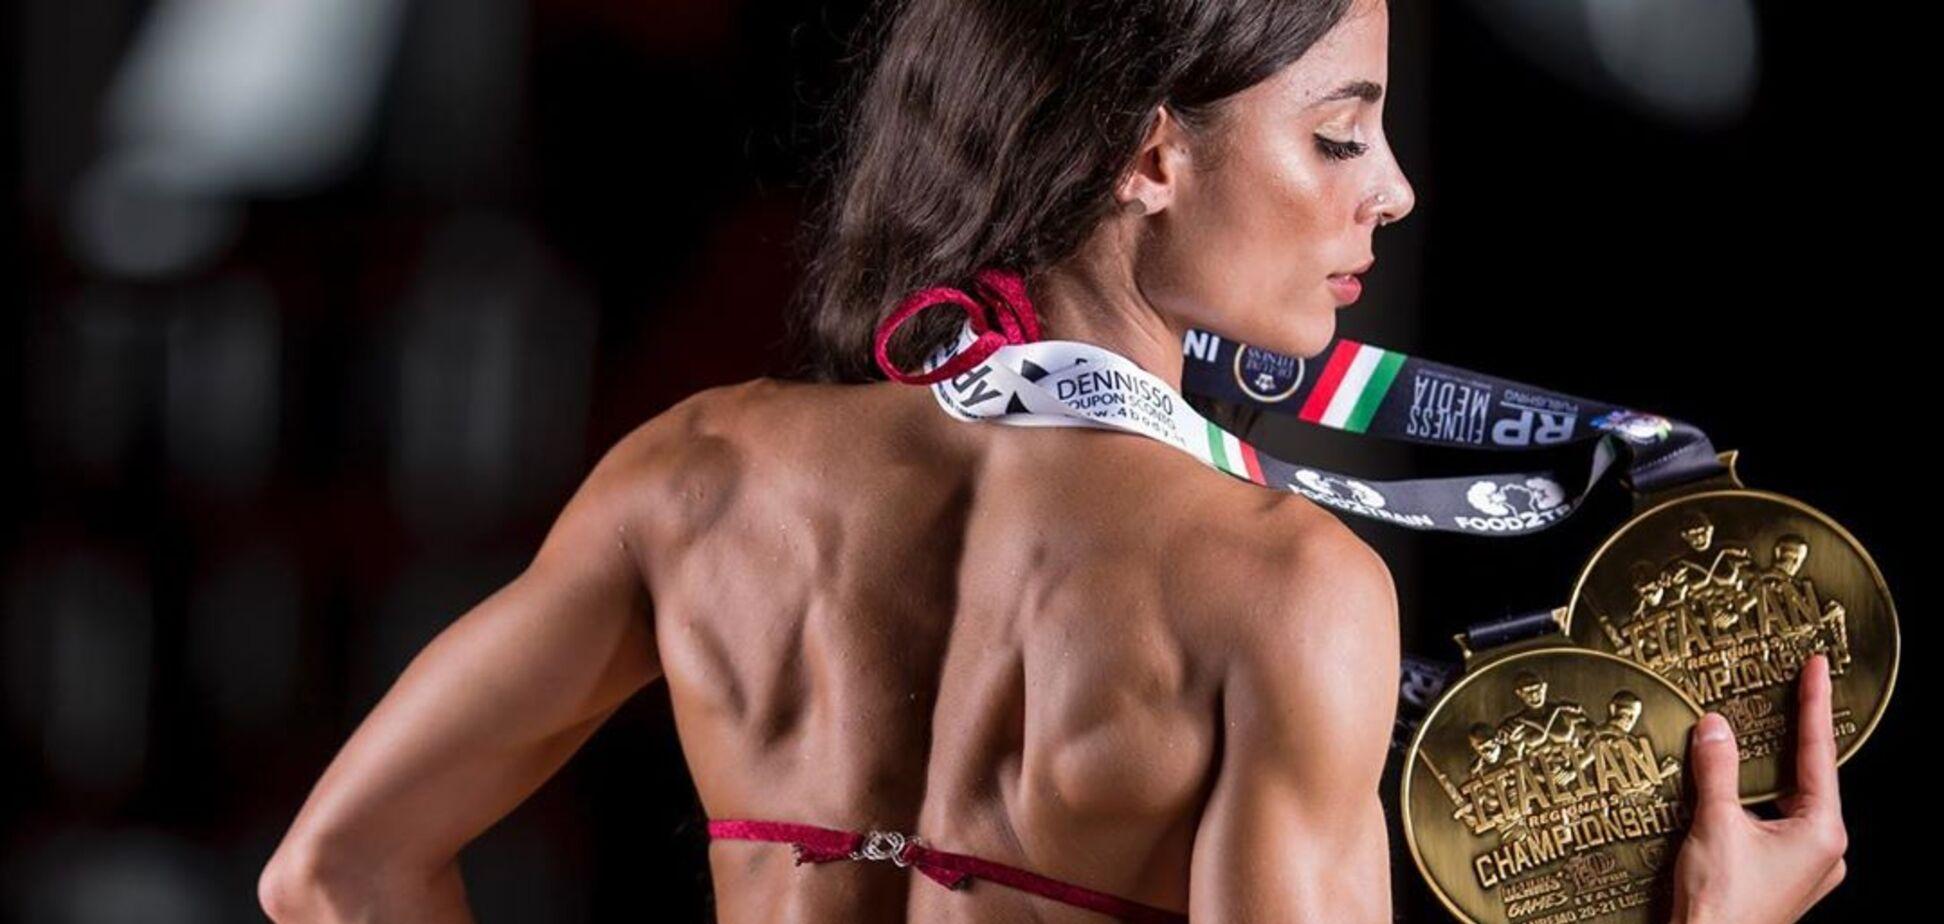 Італійська чемпіонка знялася в оголеній фотосесії